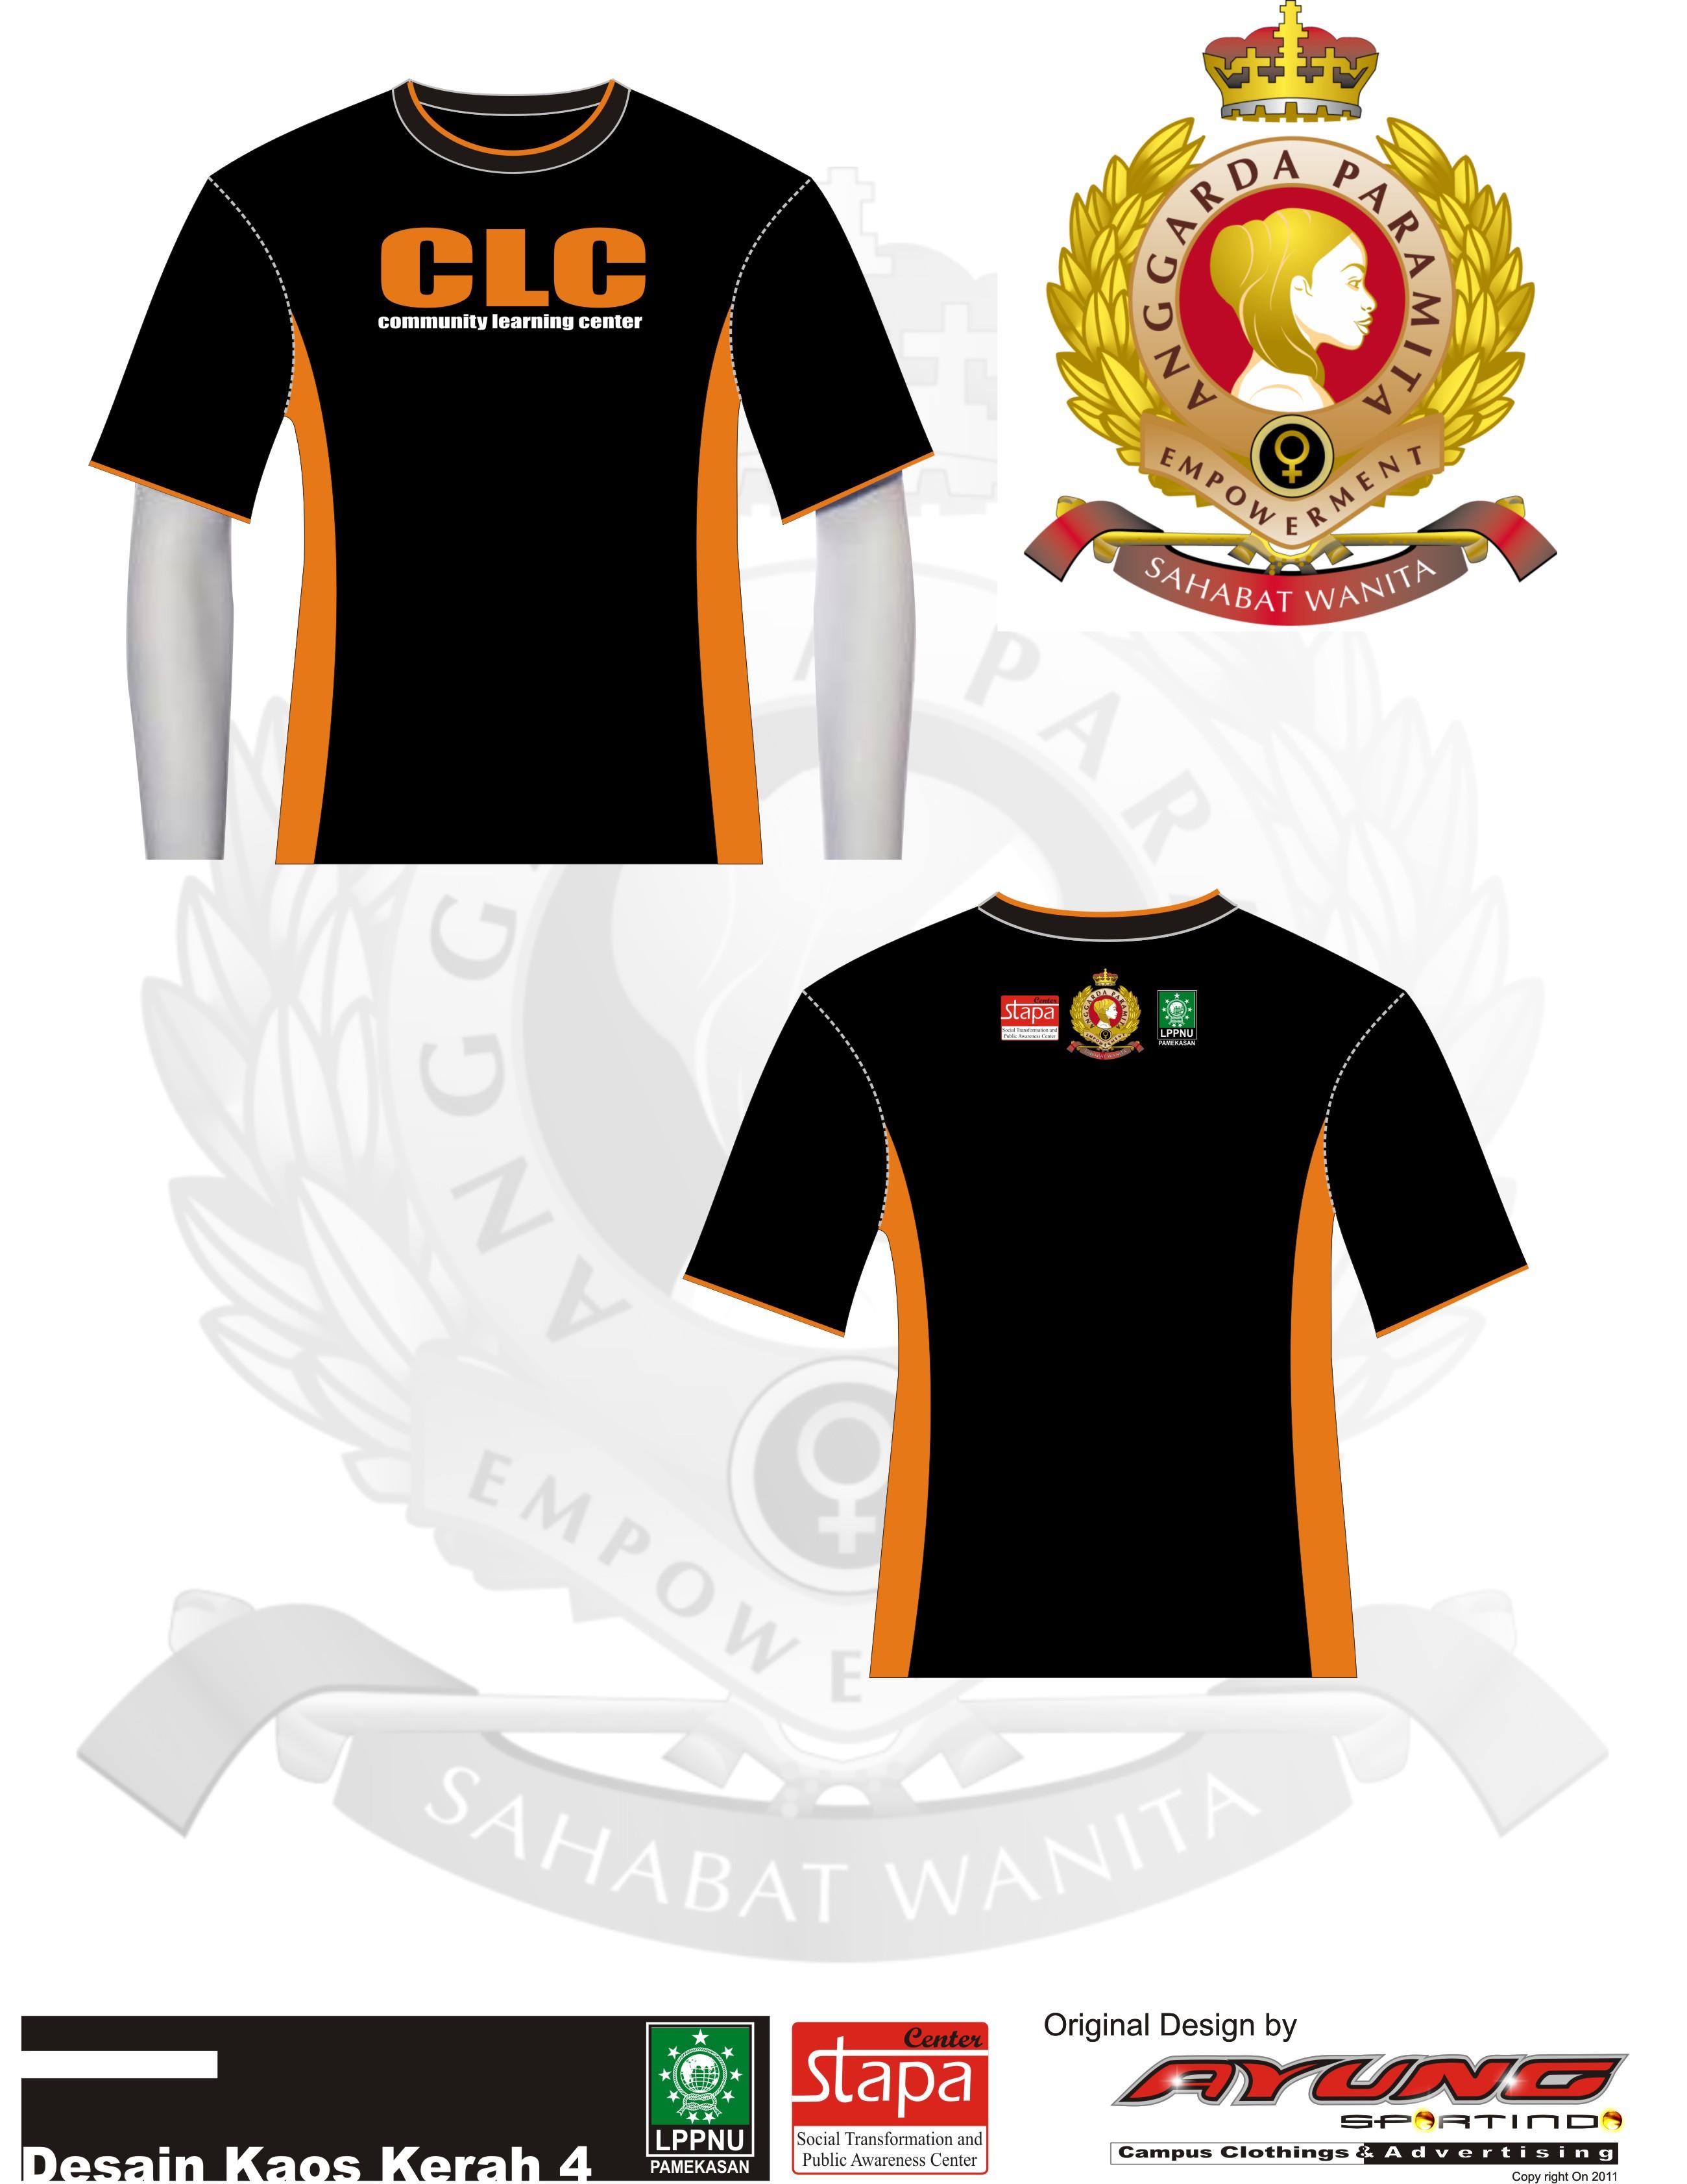 Desain Kaos Bagus, Gambar Kaos, Kaos Kerah, T-Shirts